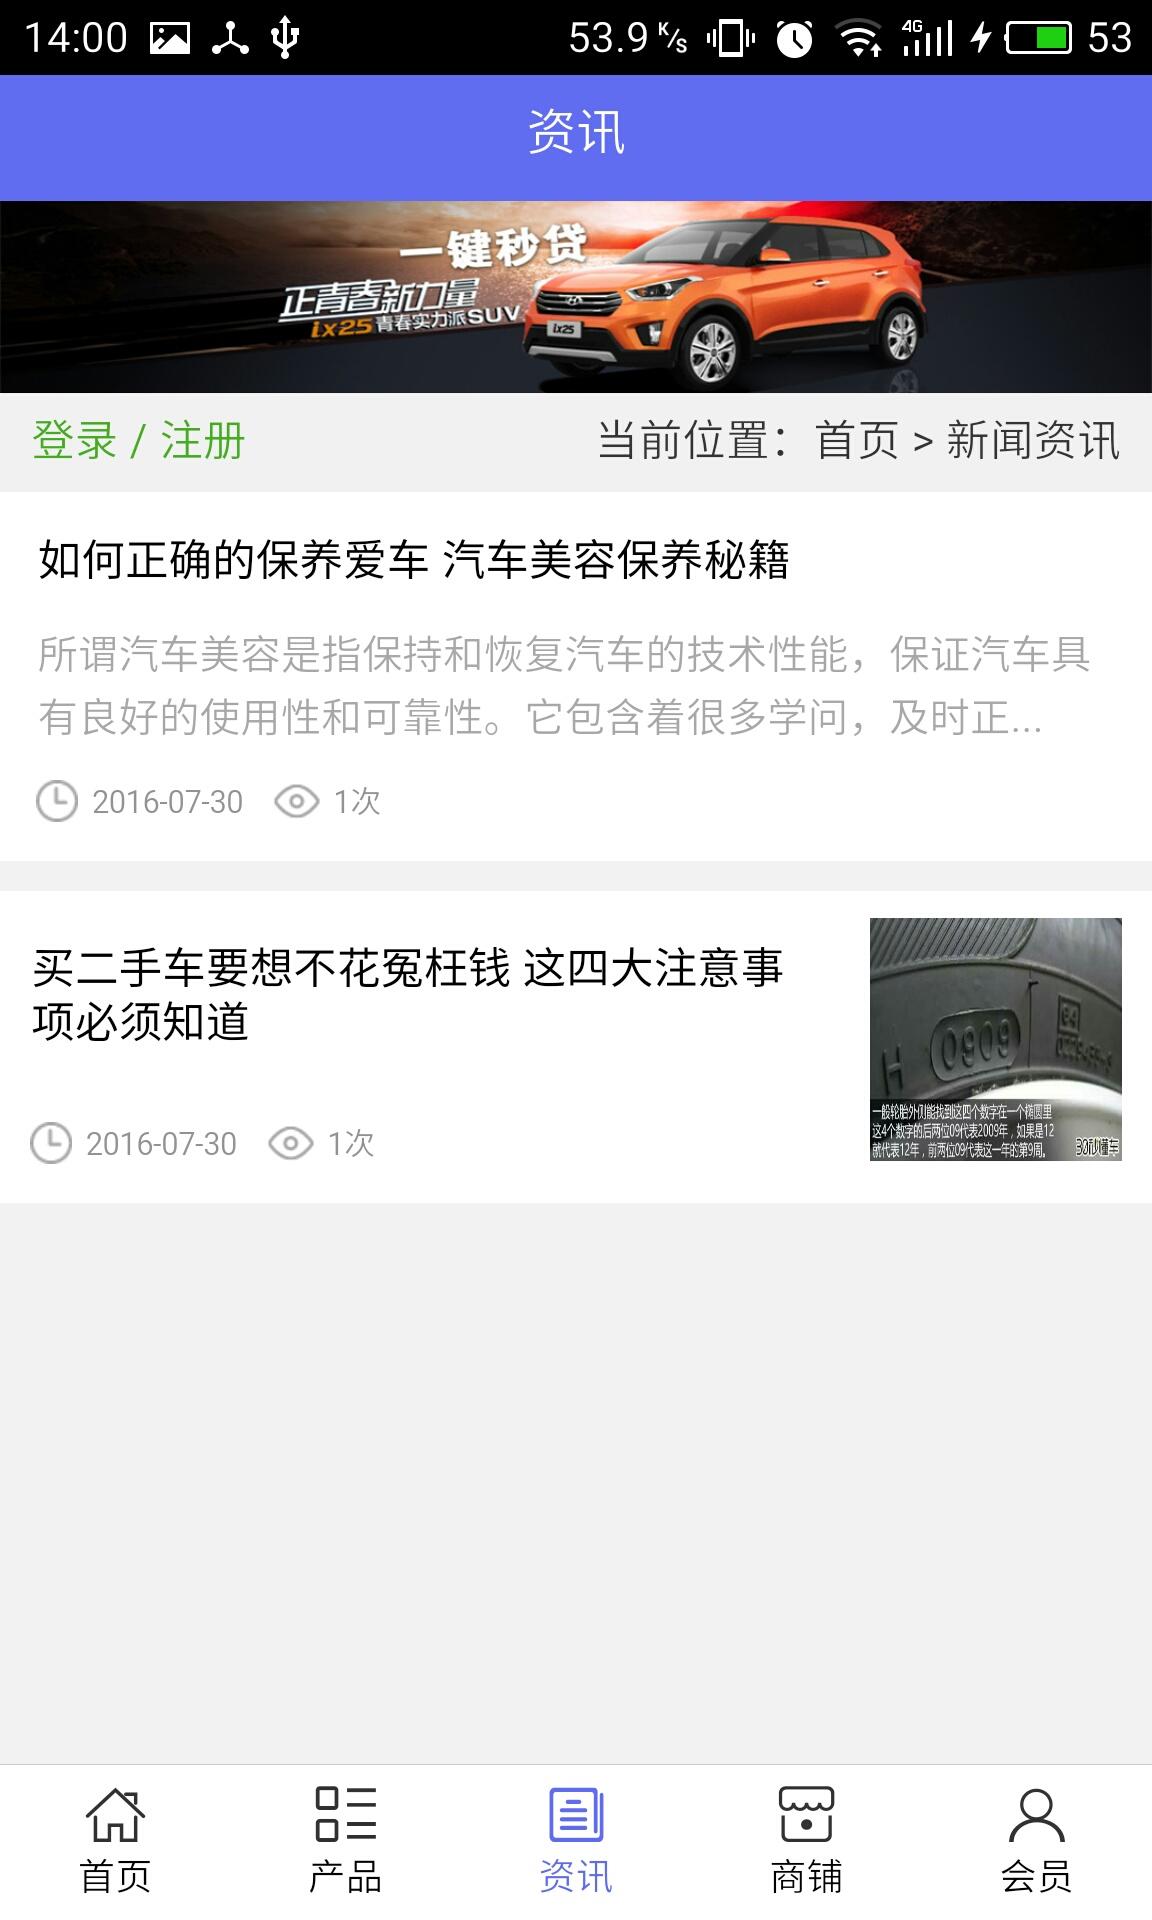 黑龙江二手车 v7.0.0 安卓版界面图2